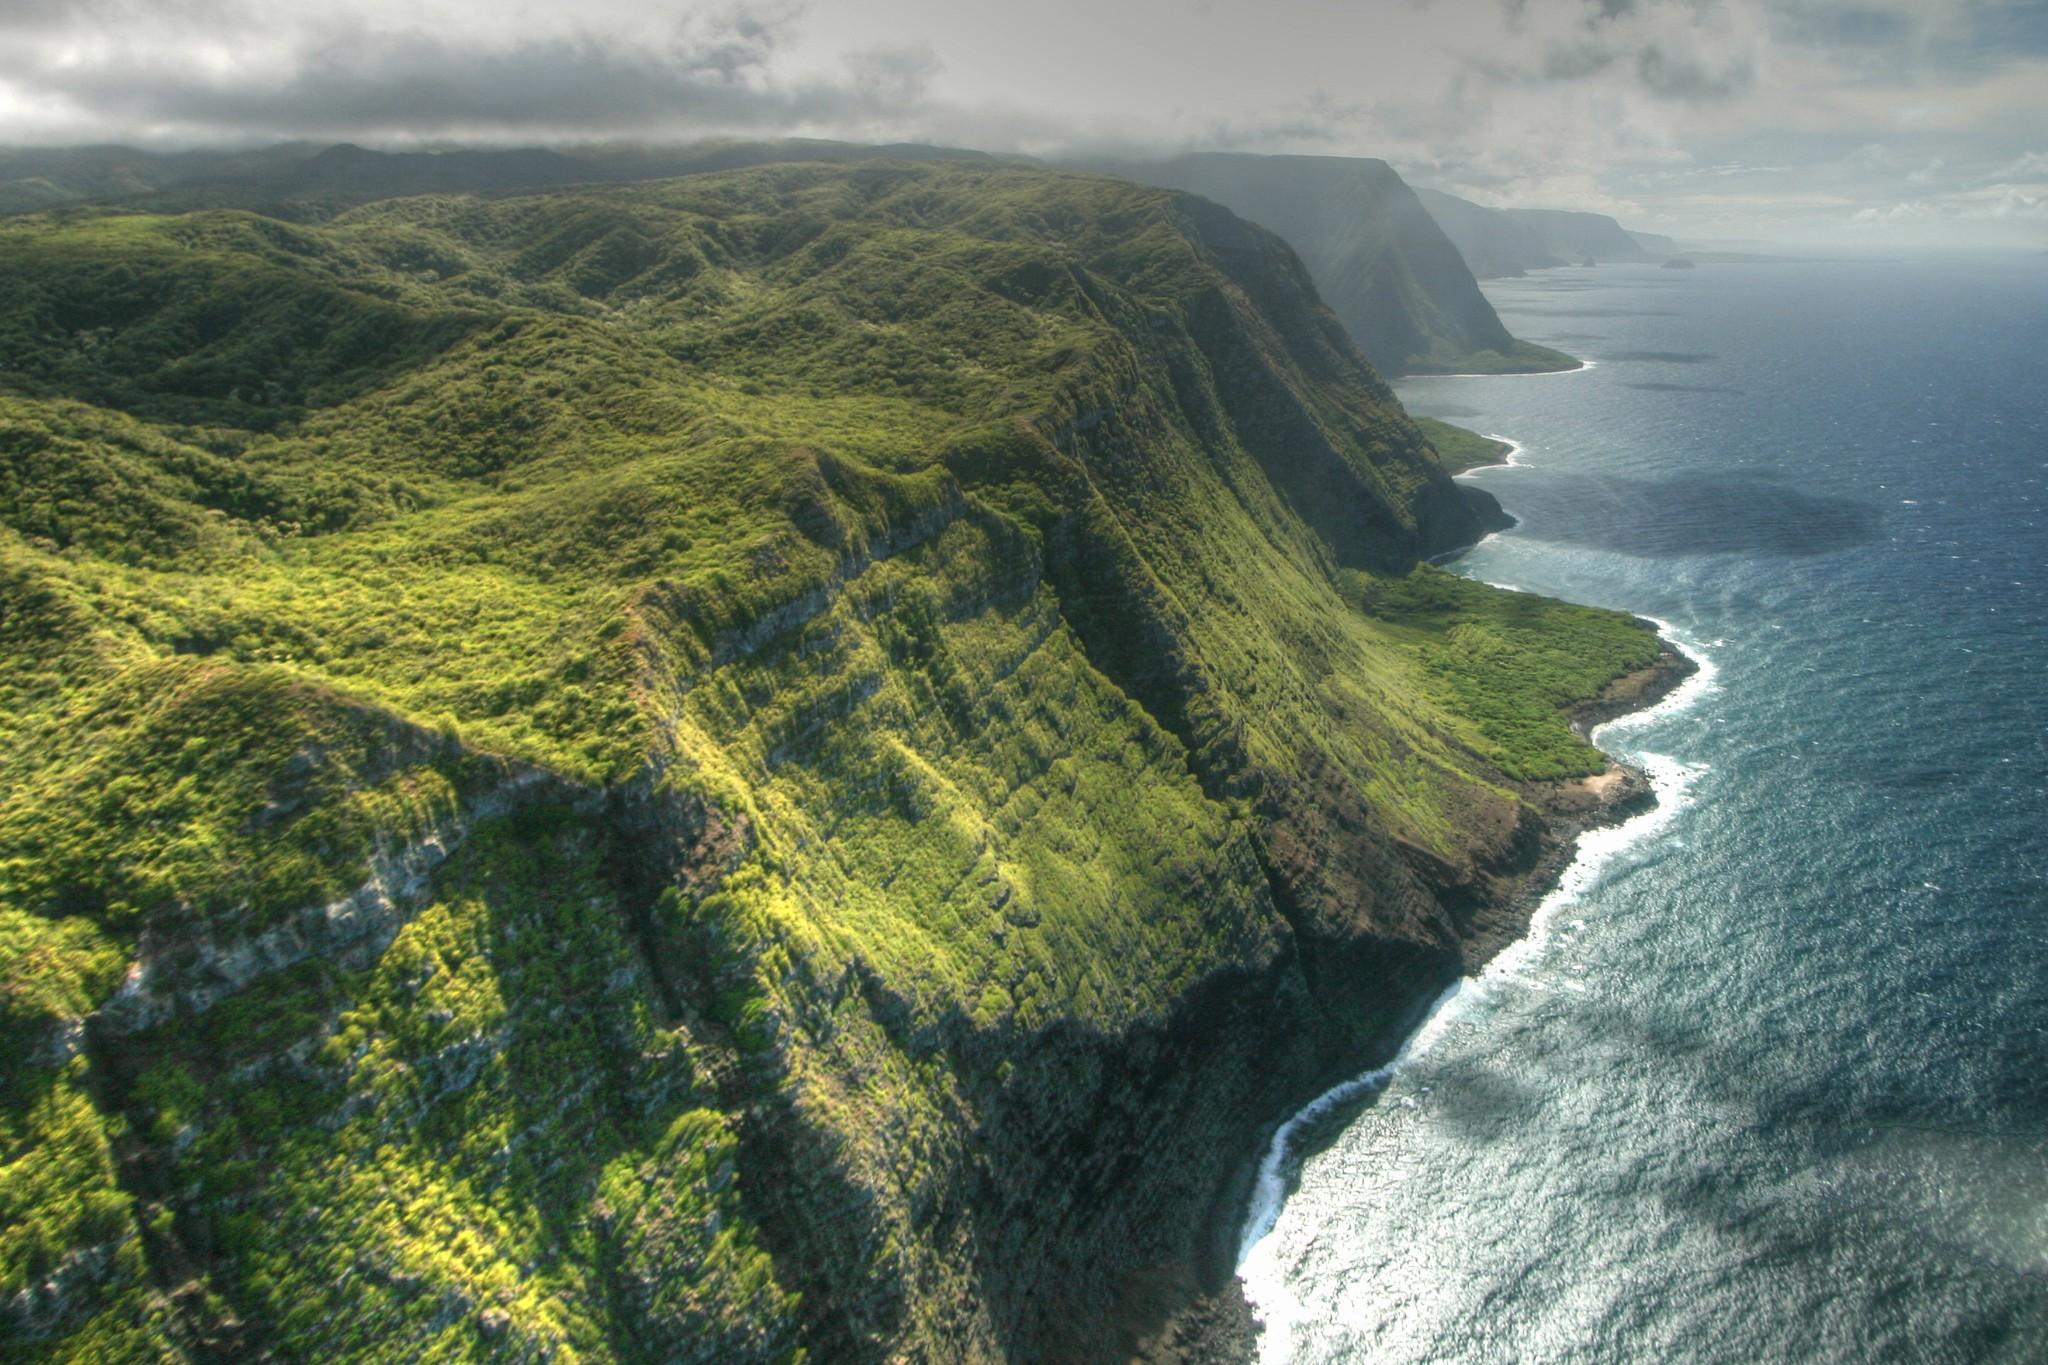 Hawaiian day trips: Moloka'i